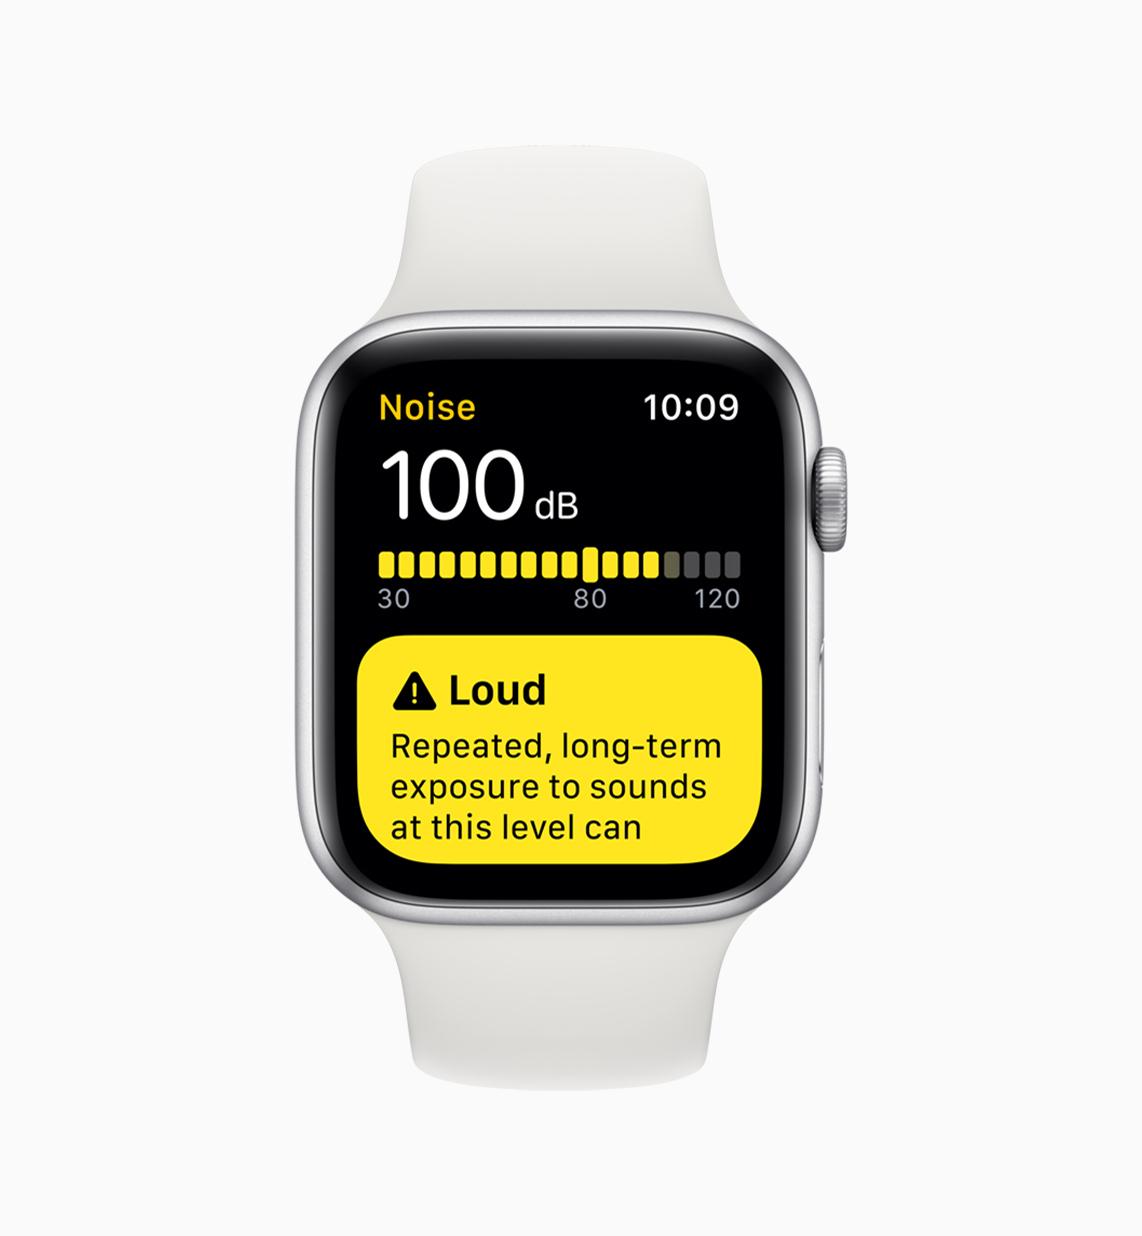 noise app on Apple Watch